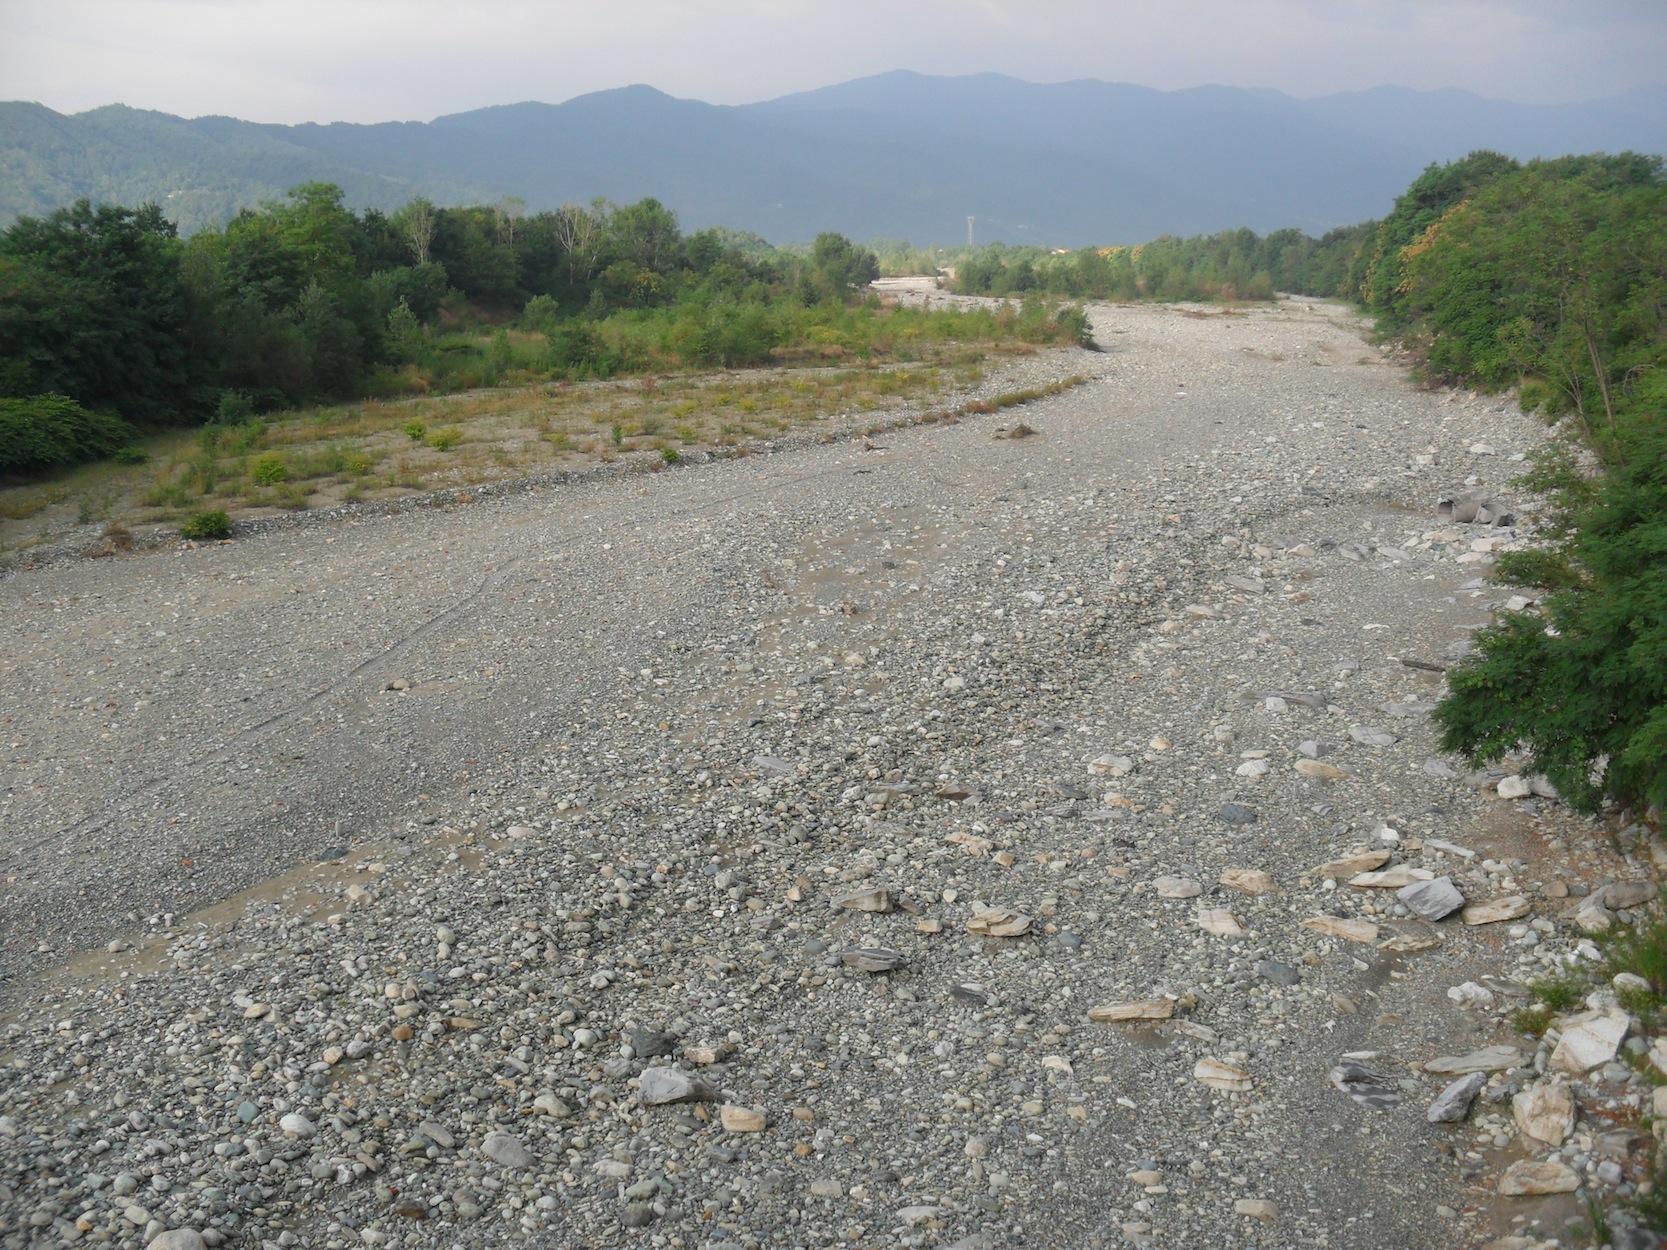 Siccità e fiumi agonizzanti, Legambiente punta il dito contro le eccessive captazioni idroelettriche e agricole